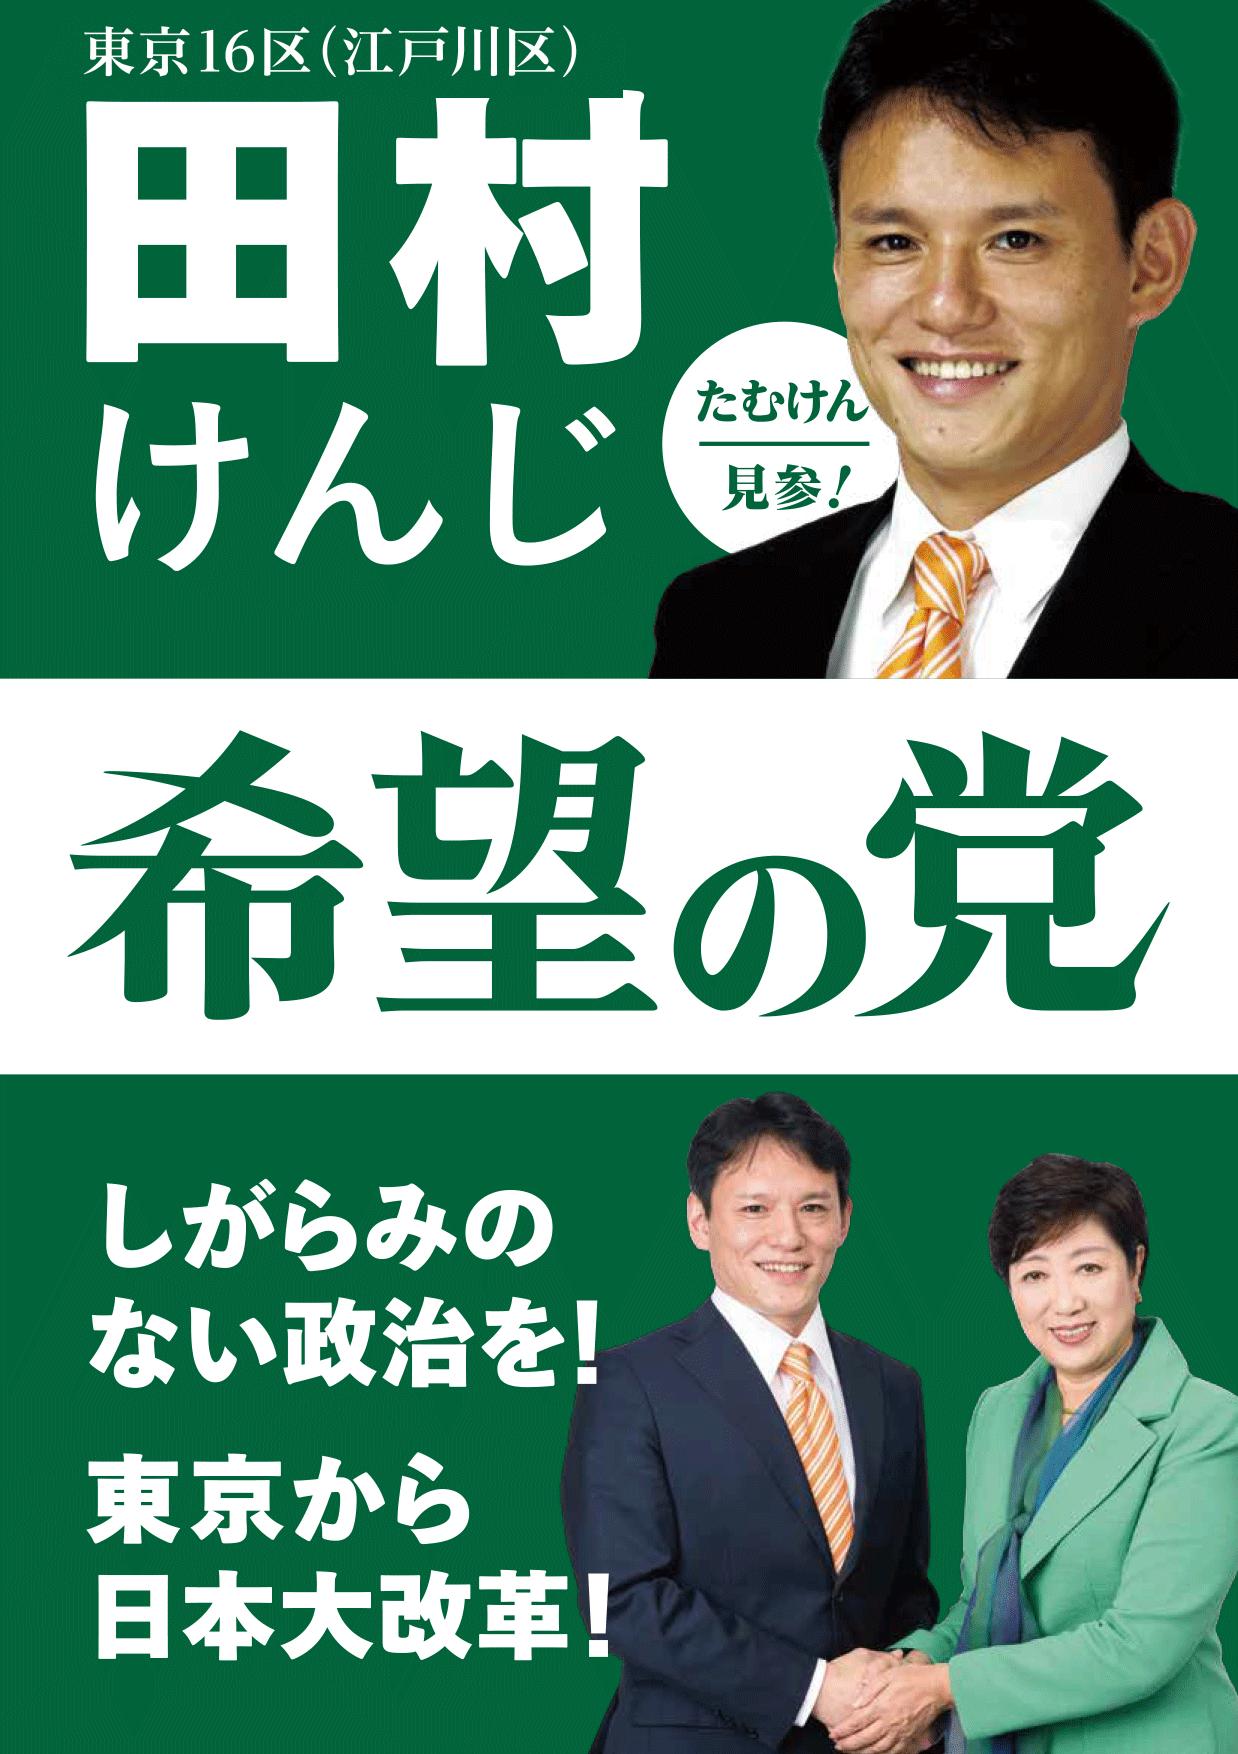 tamuken-web01